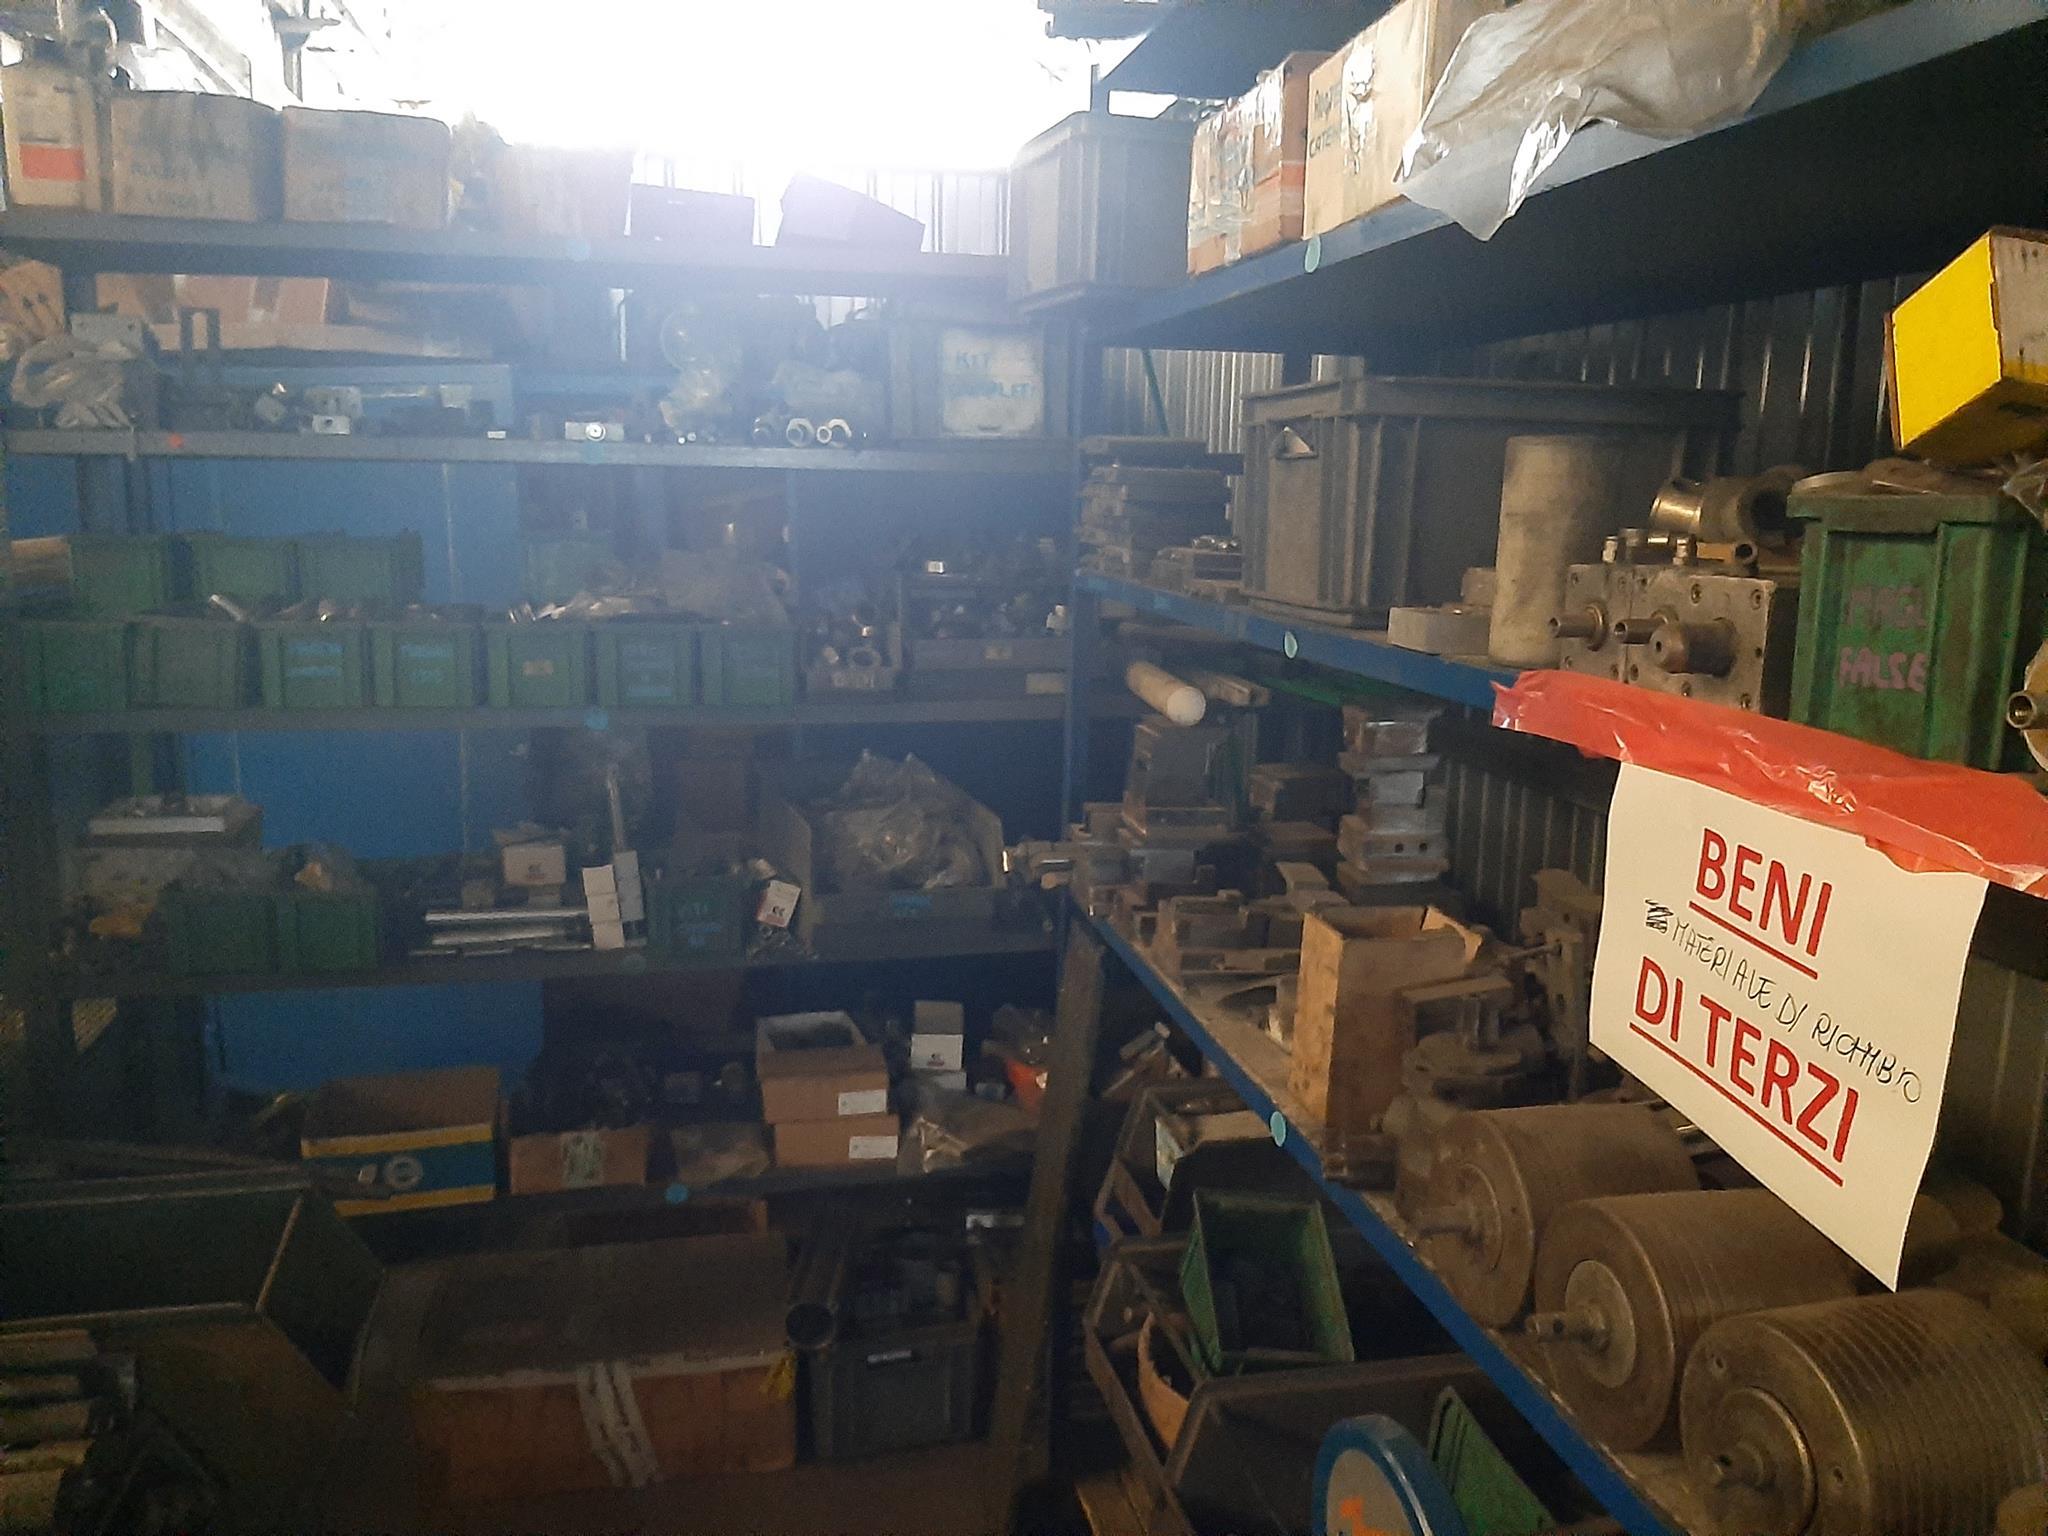 Parti ricambio per presse, colonne, macchinari utensili in vendita - foto 2